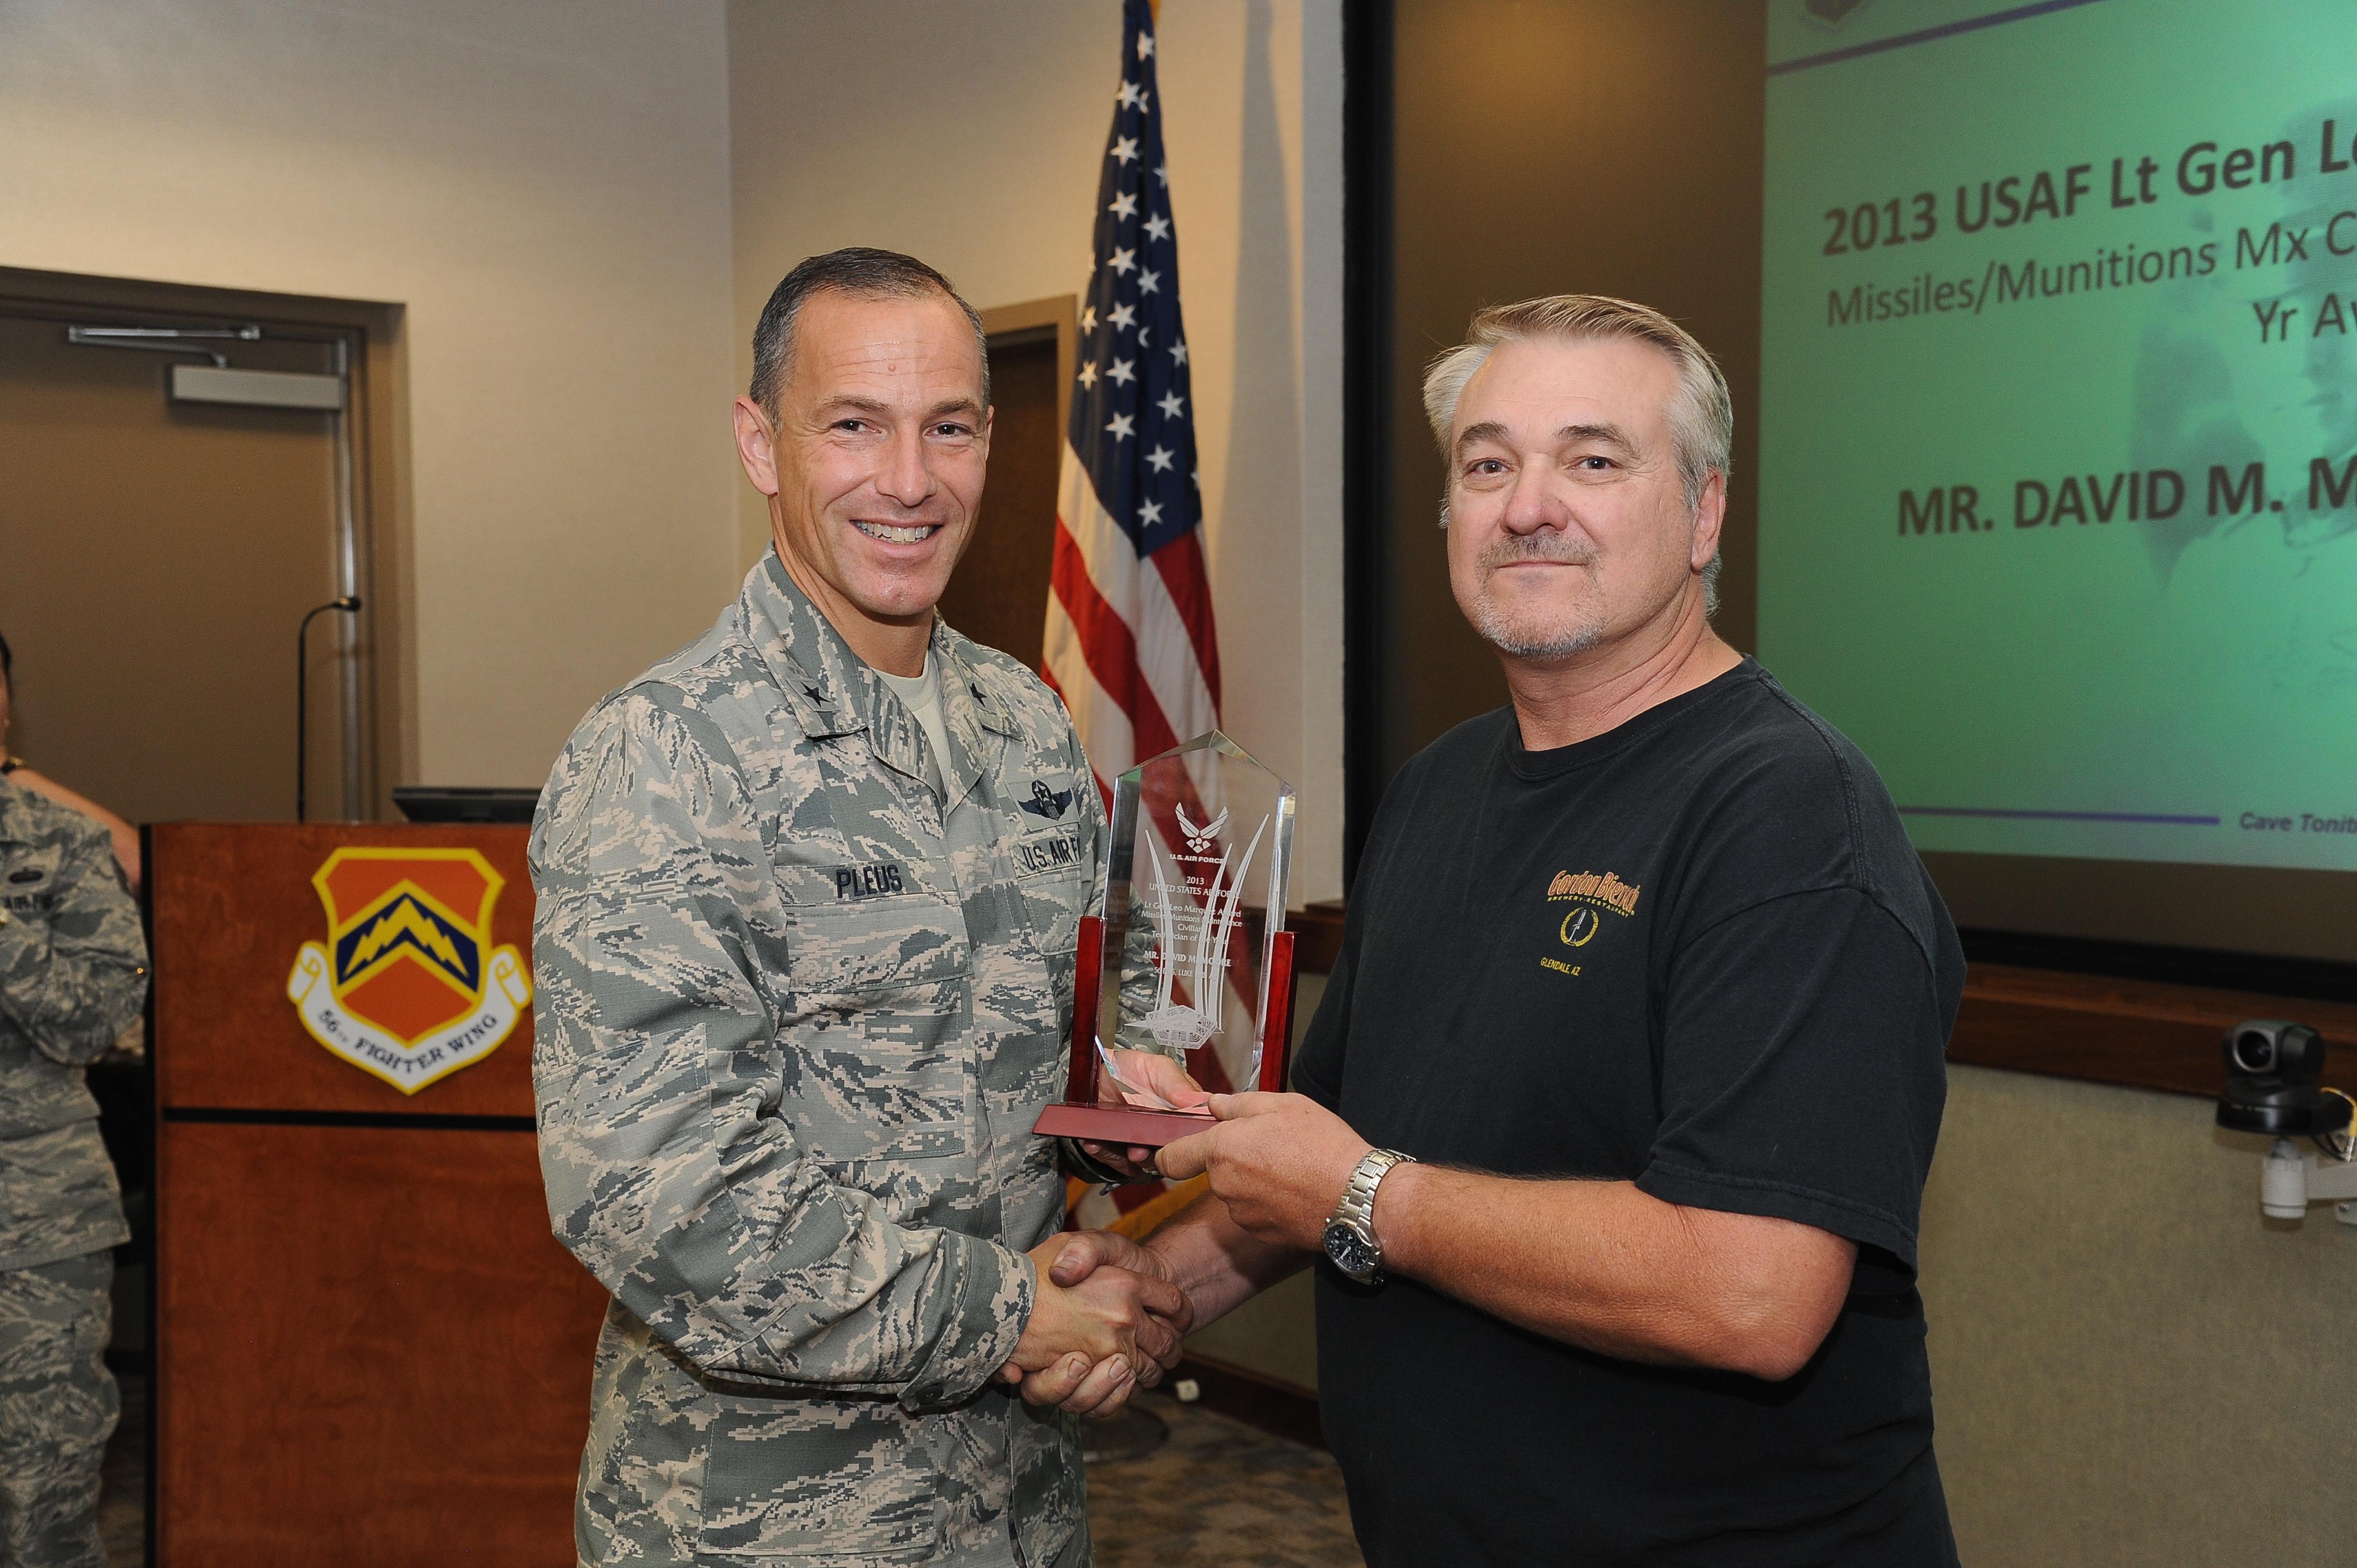 luke civilian earns coveted marquez award > u s air force luke civilian earns coveted marquez award